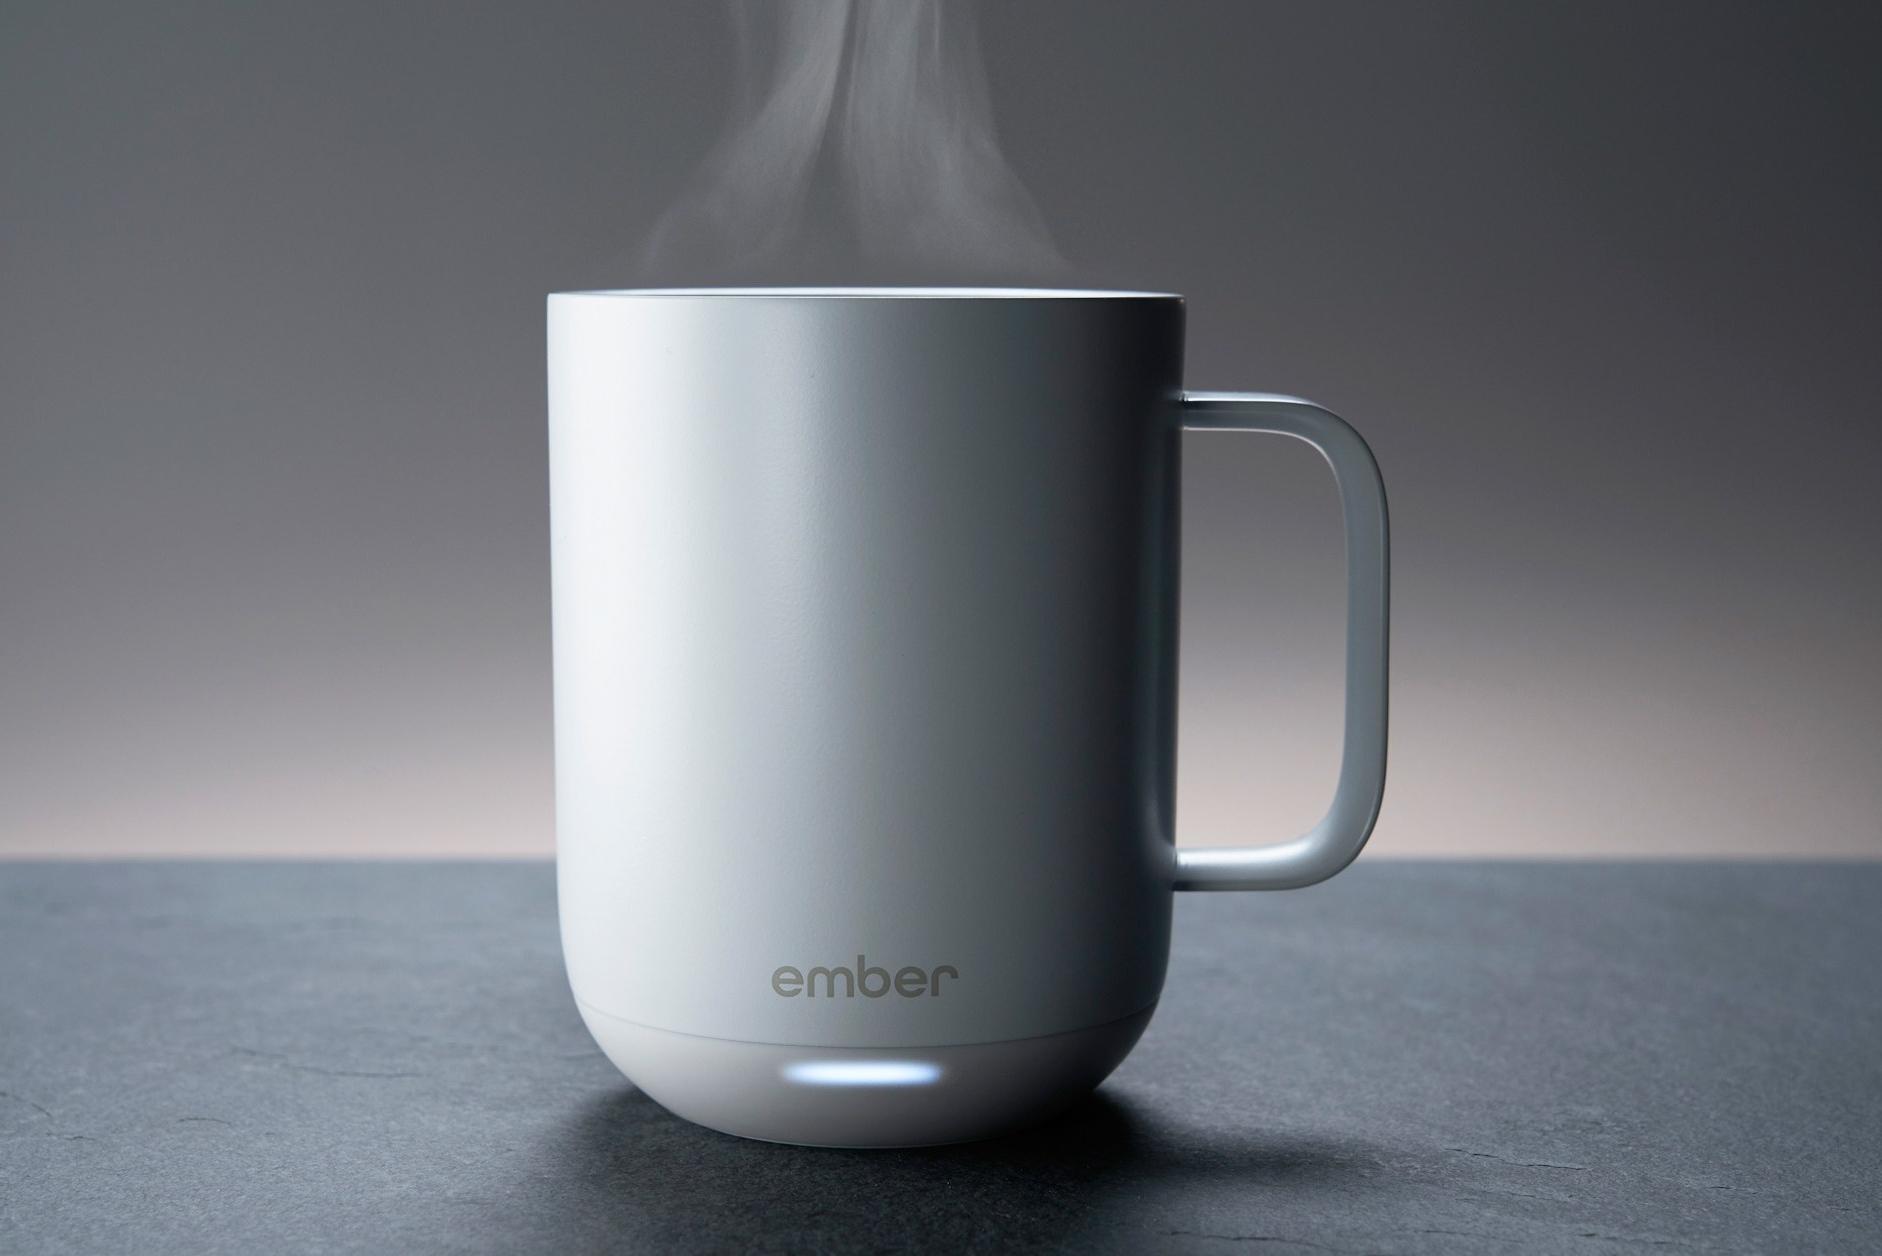 有了这只马克杯 再也不担心咖啡变凉啦